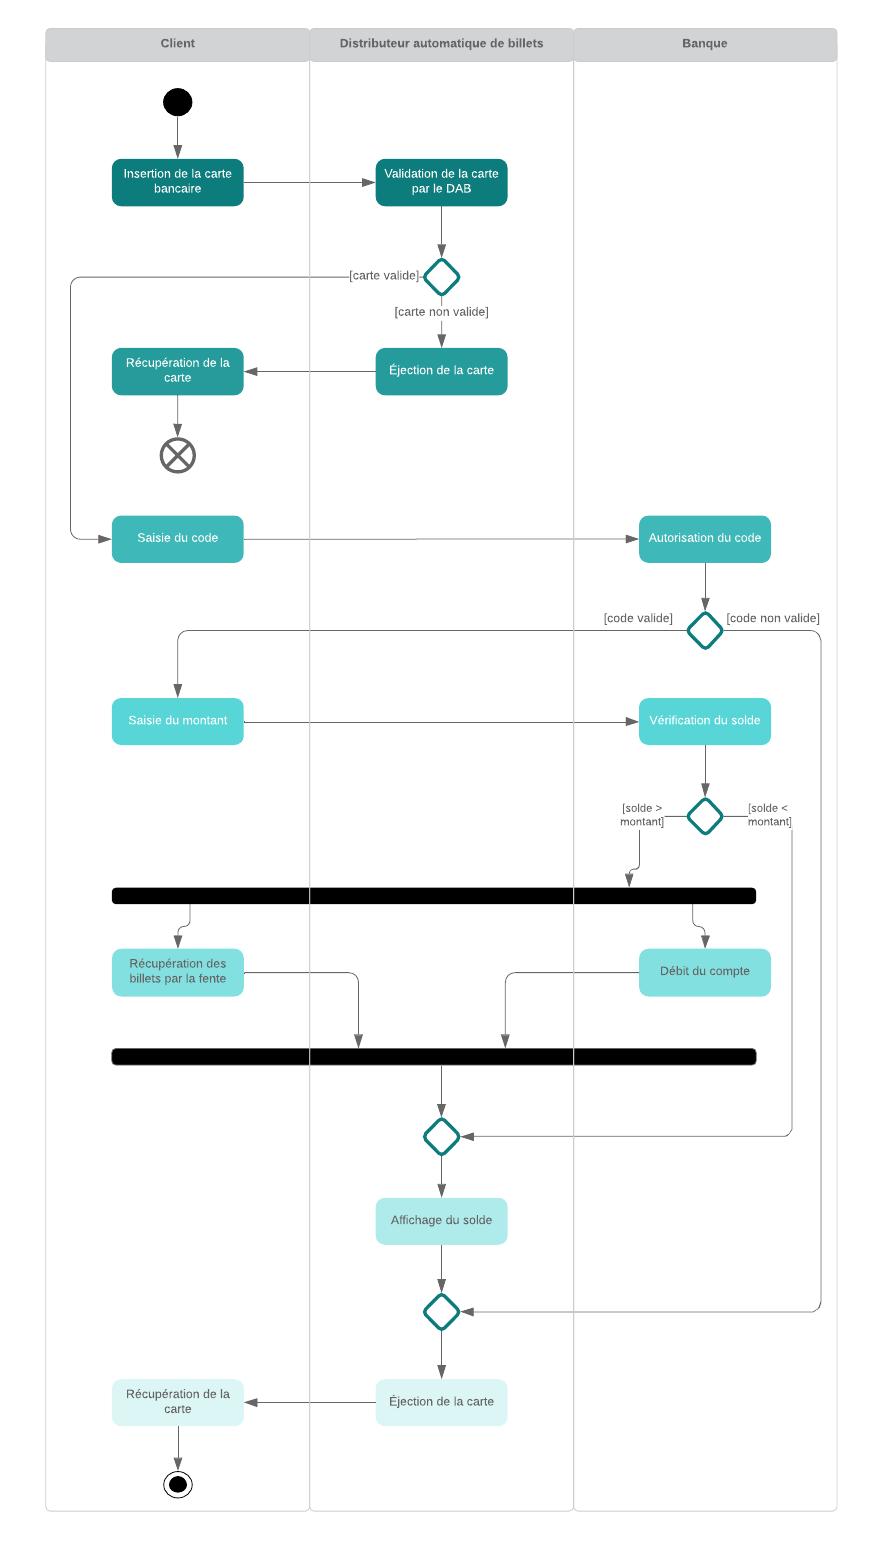 Diagramme De Classe En Ligne : diagramme, classe, ligne, Logiciel, Online, Gratuit, Lucidchart